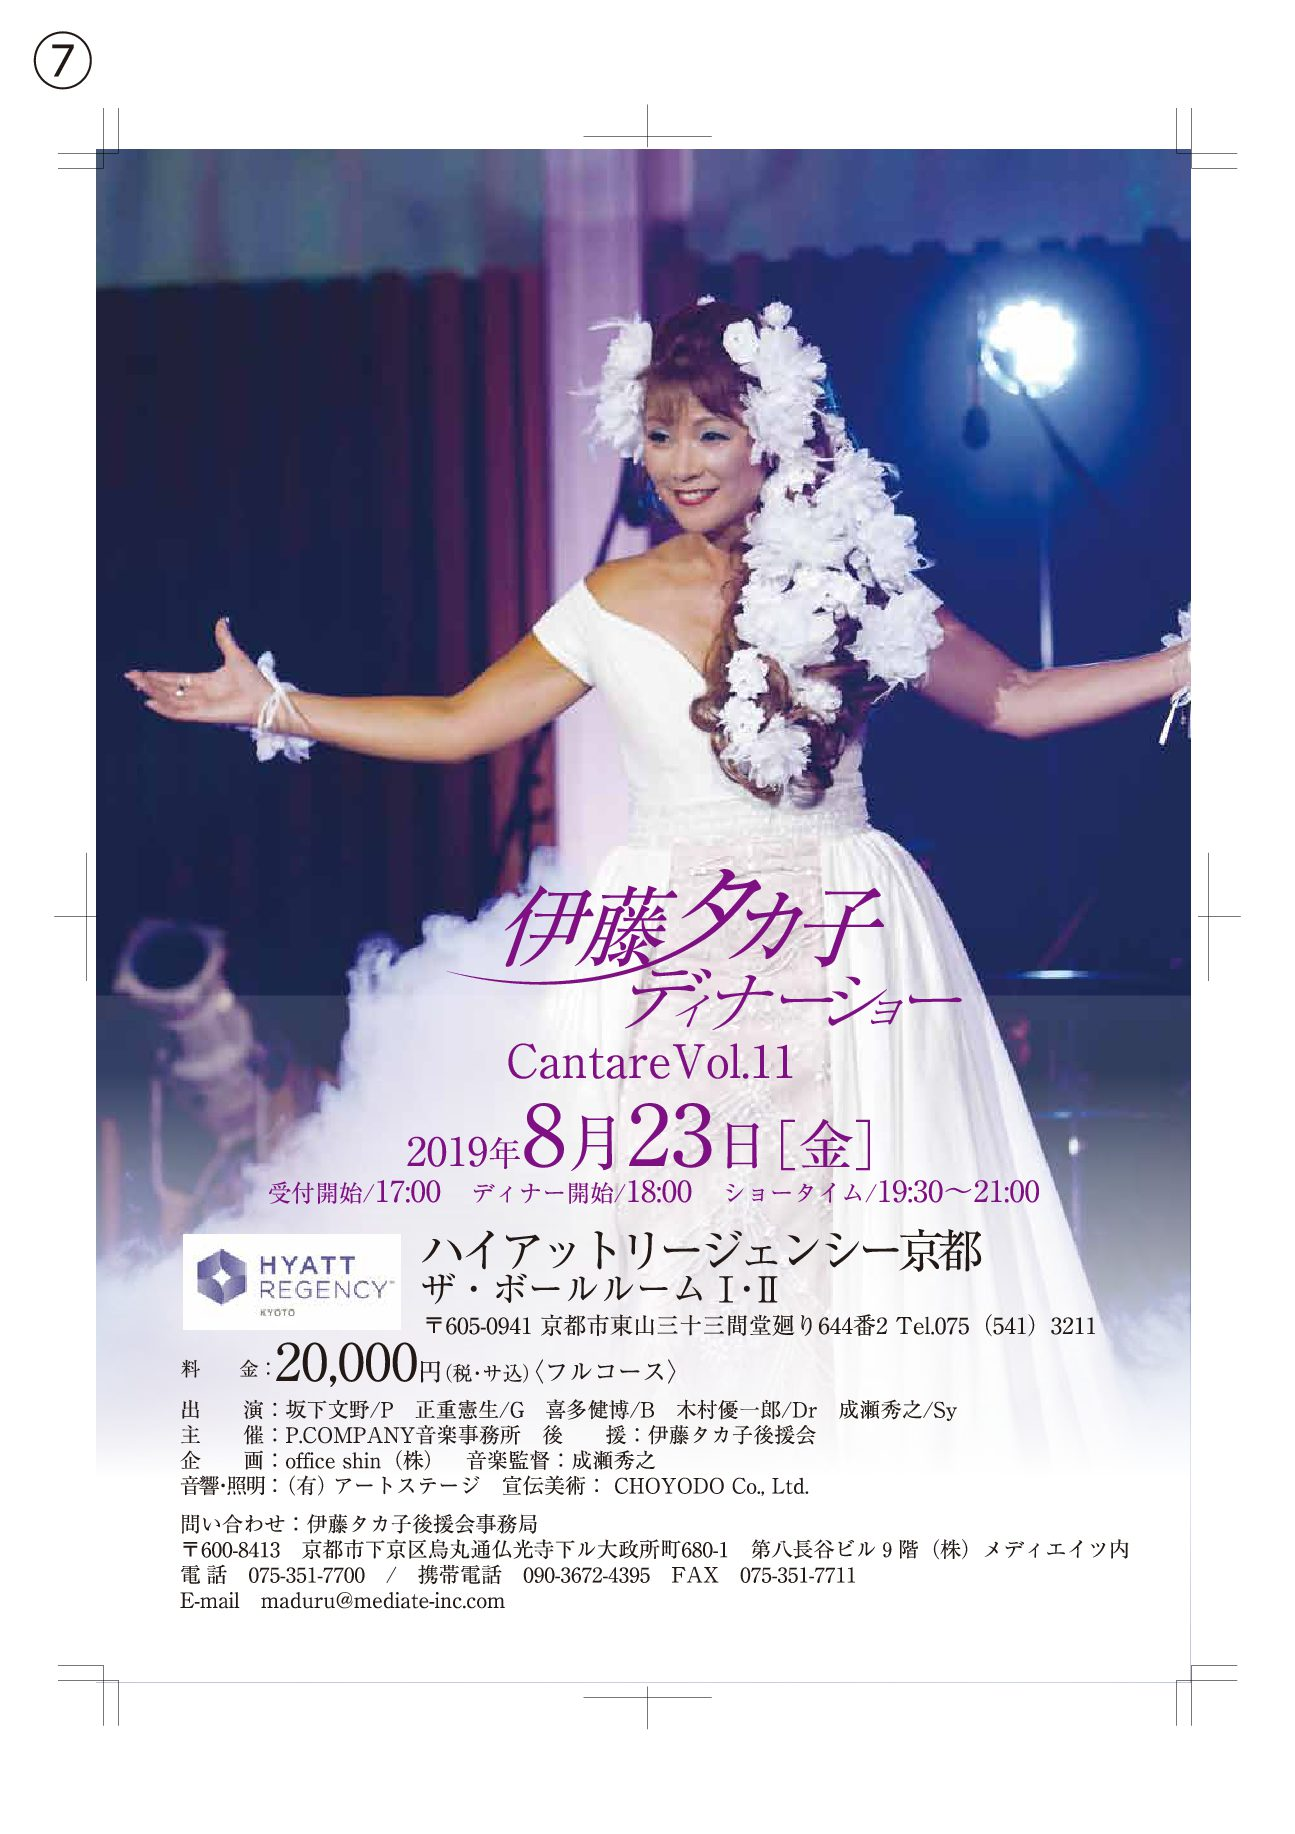 伊藤タカ子ディナーショー2019